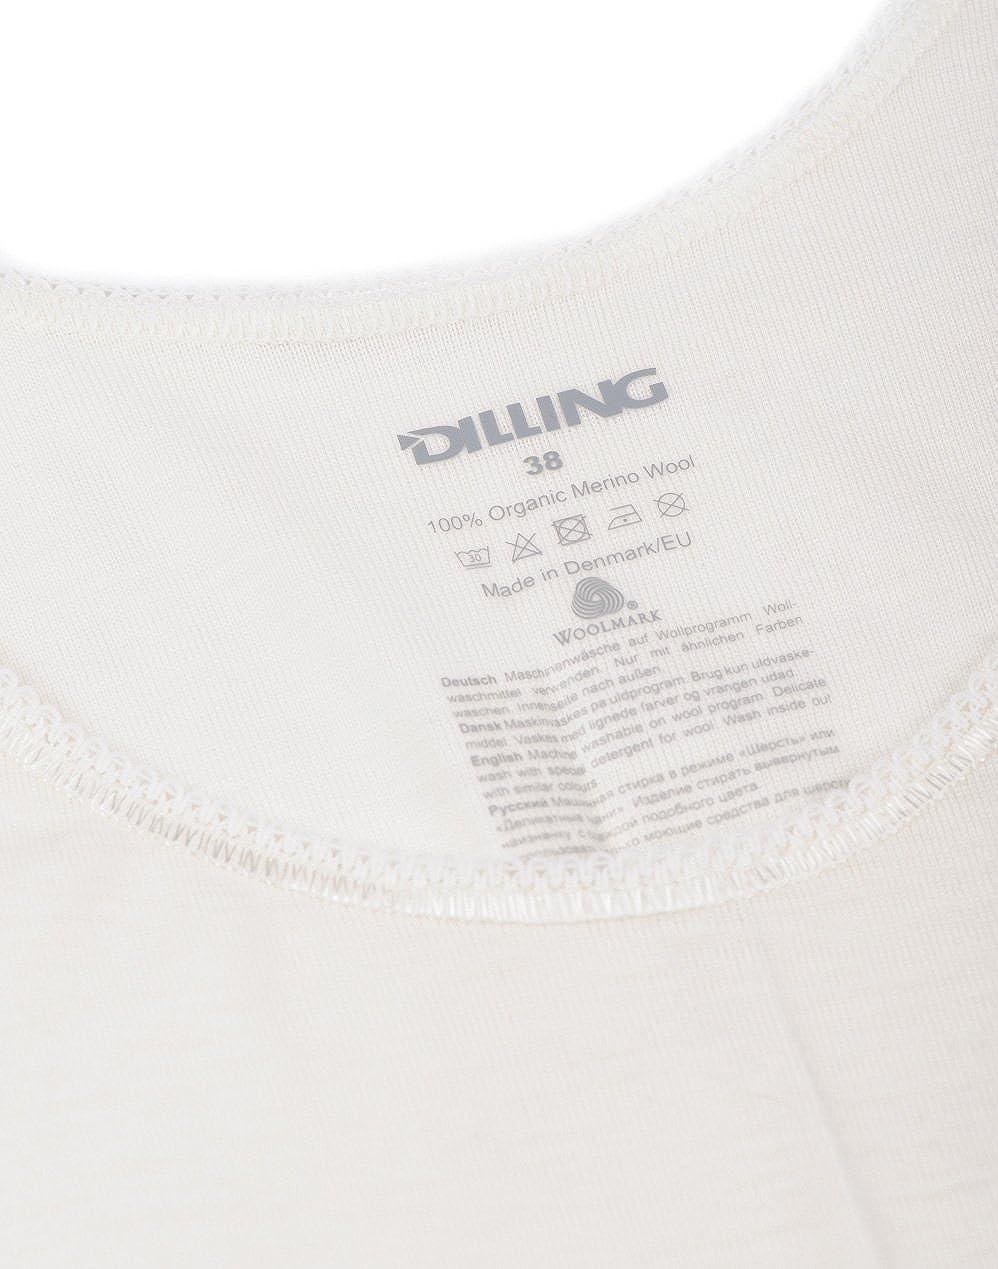 Ladies Thermal Vest DILLING Womens Merino Wool Tank Top